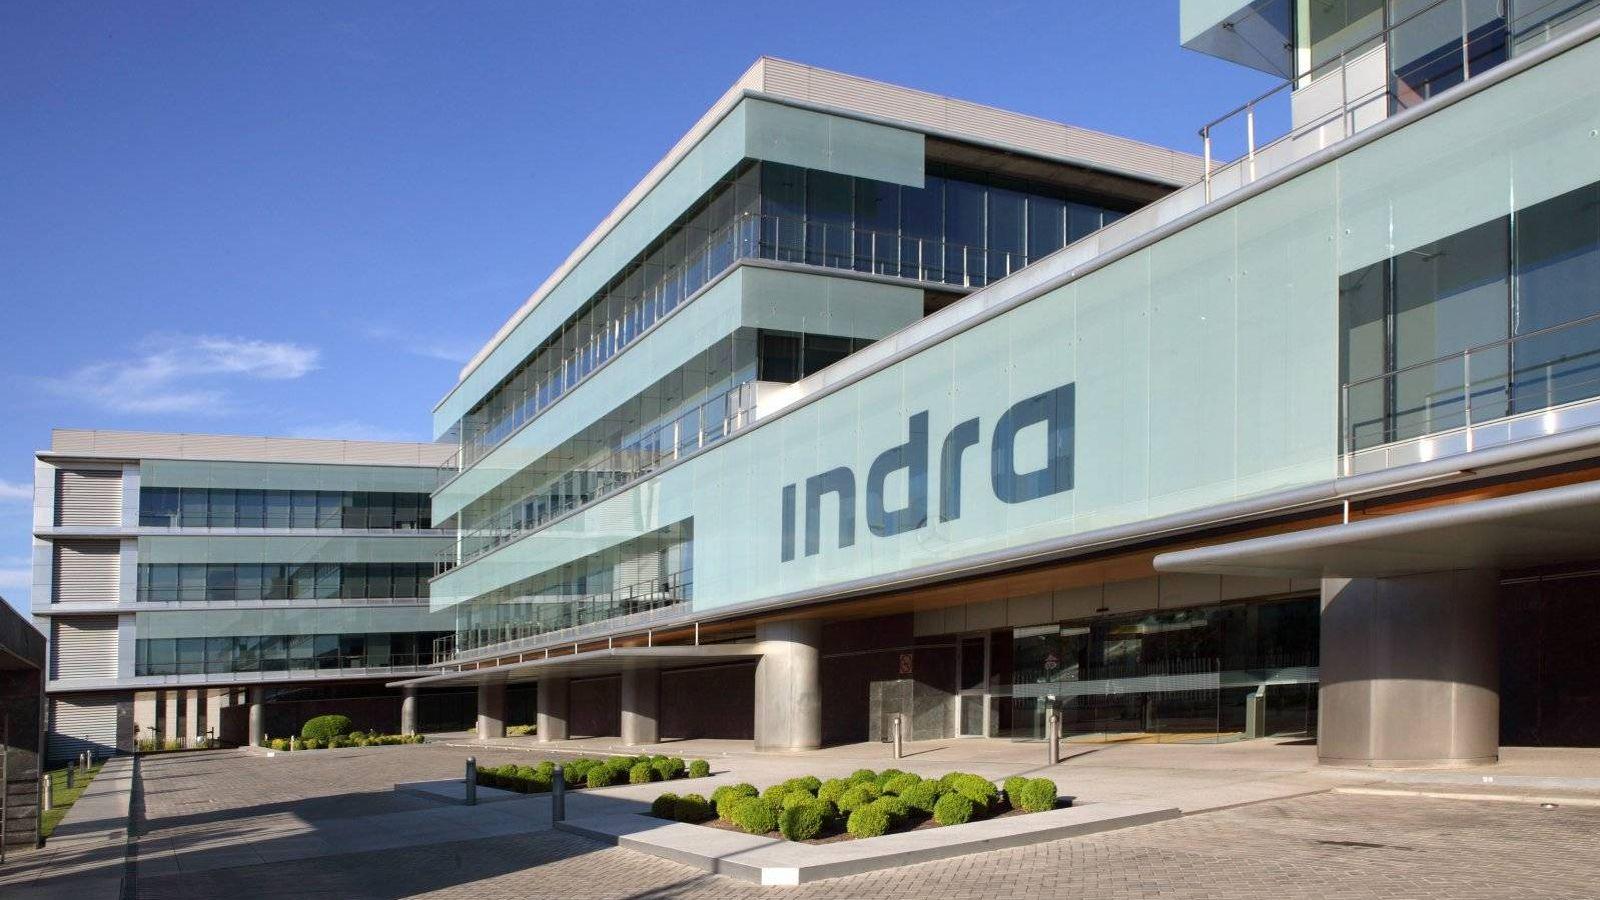 Indra admite que no puede justificar pagos de un millón que acabó en la caja B del PP